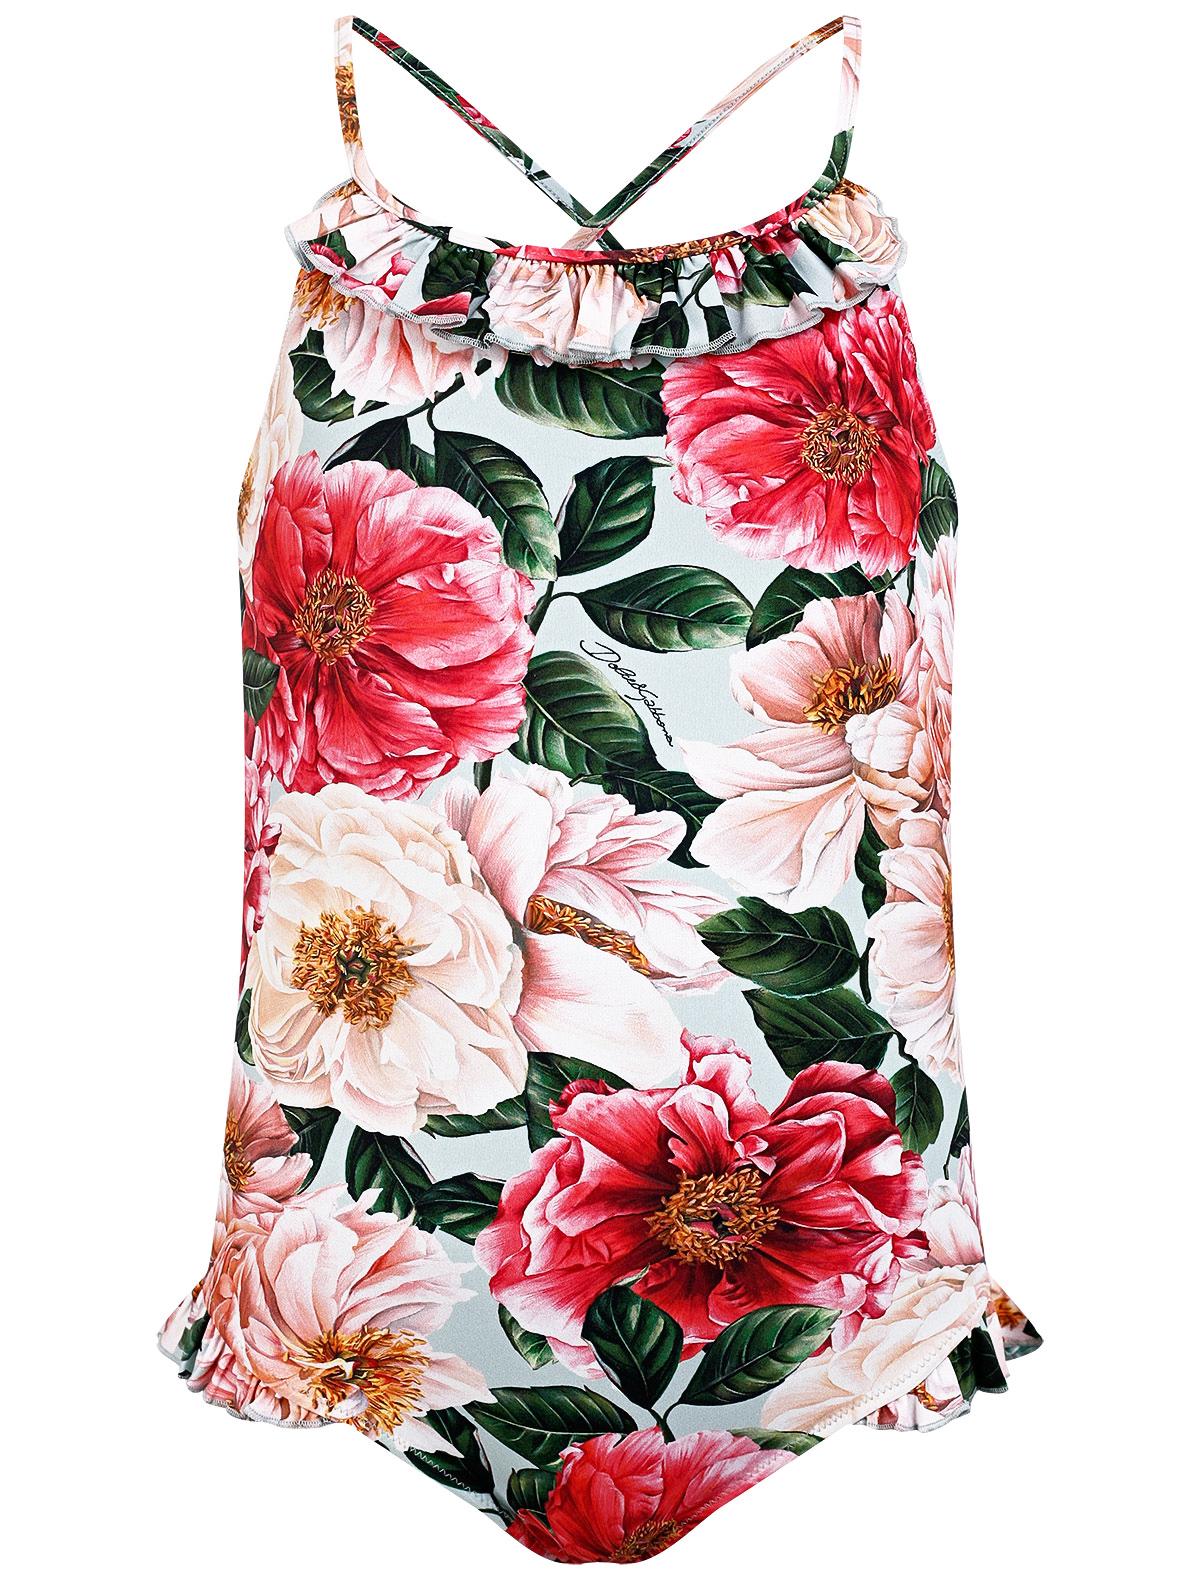 Купить 2282346, Купальник Dolce & Gabbana, розовый, Женский, 0884509170941